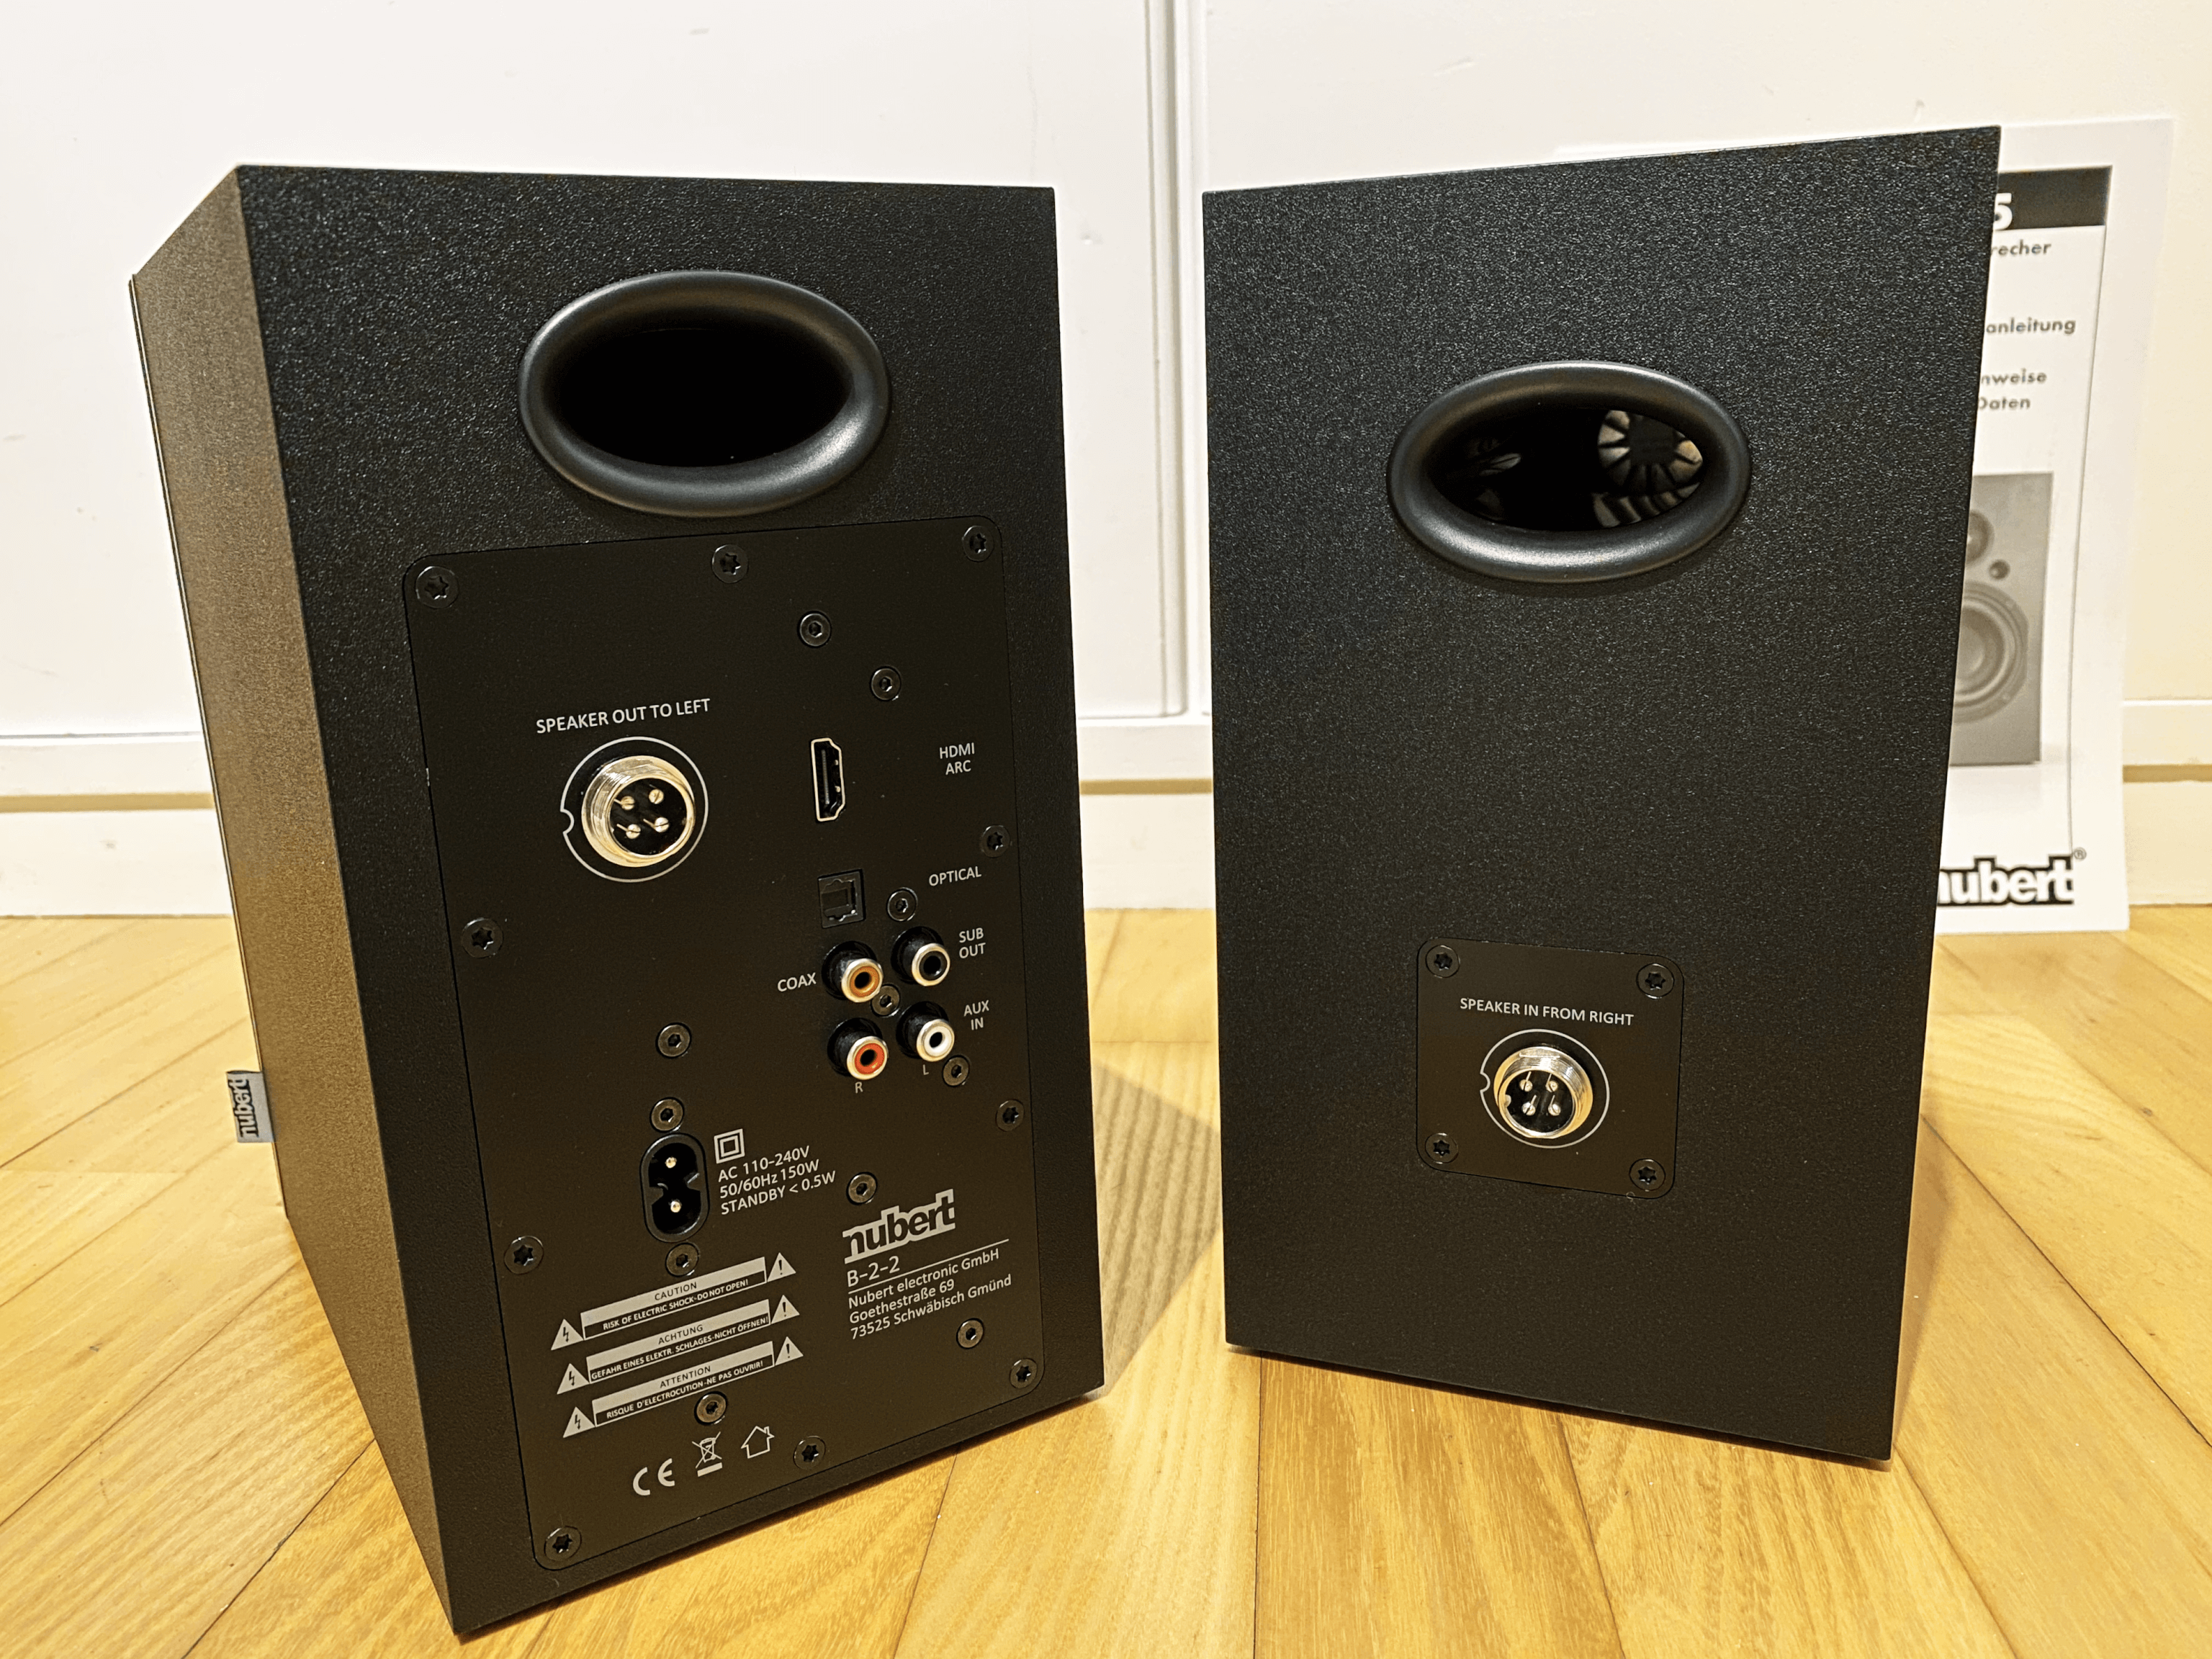 Die Rückseiten der Lautsprecher